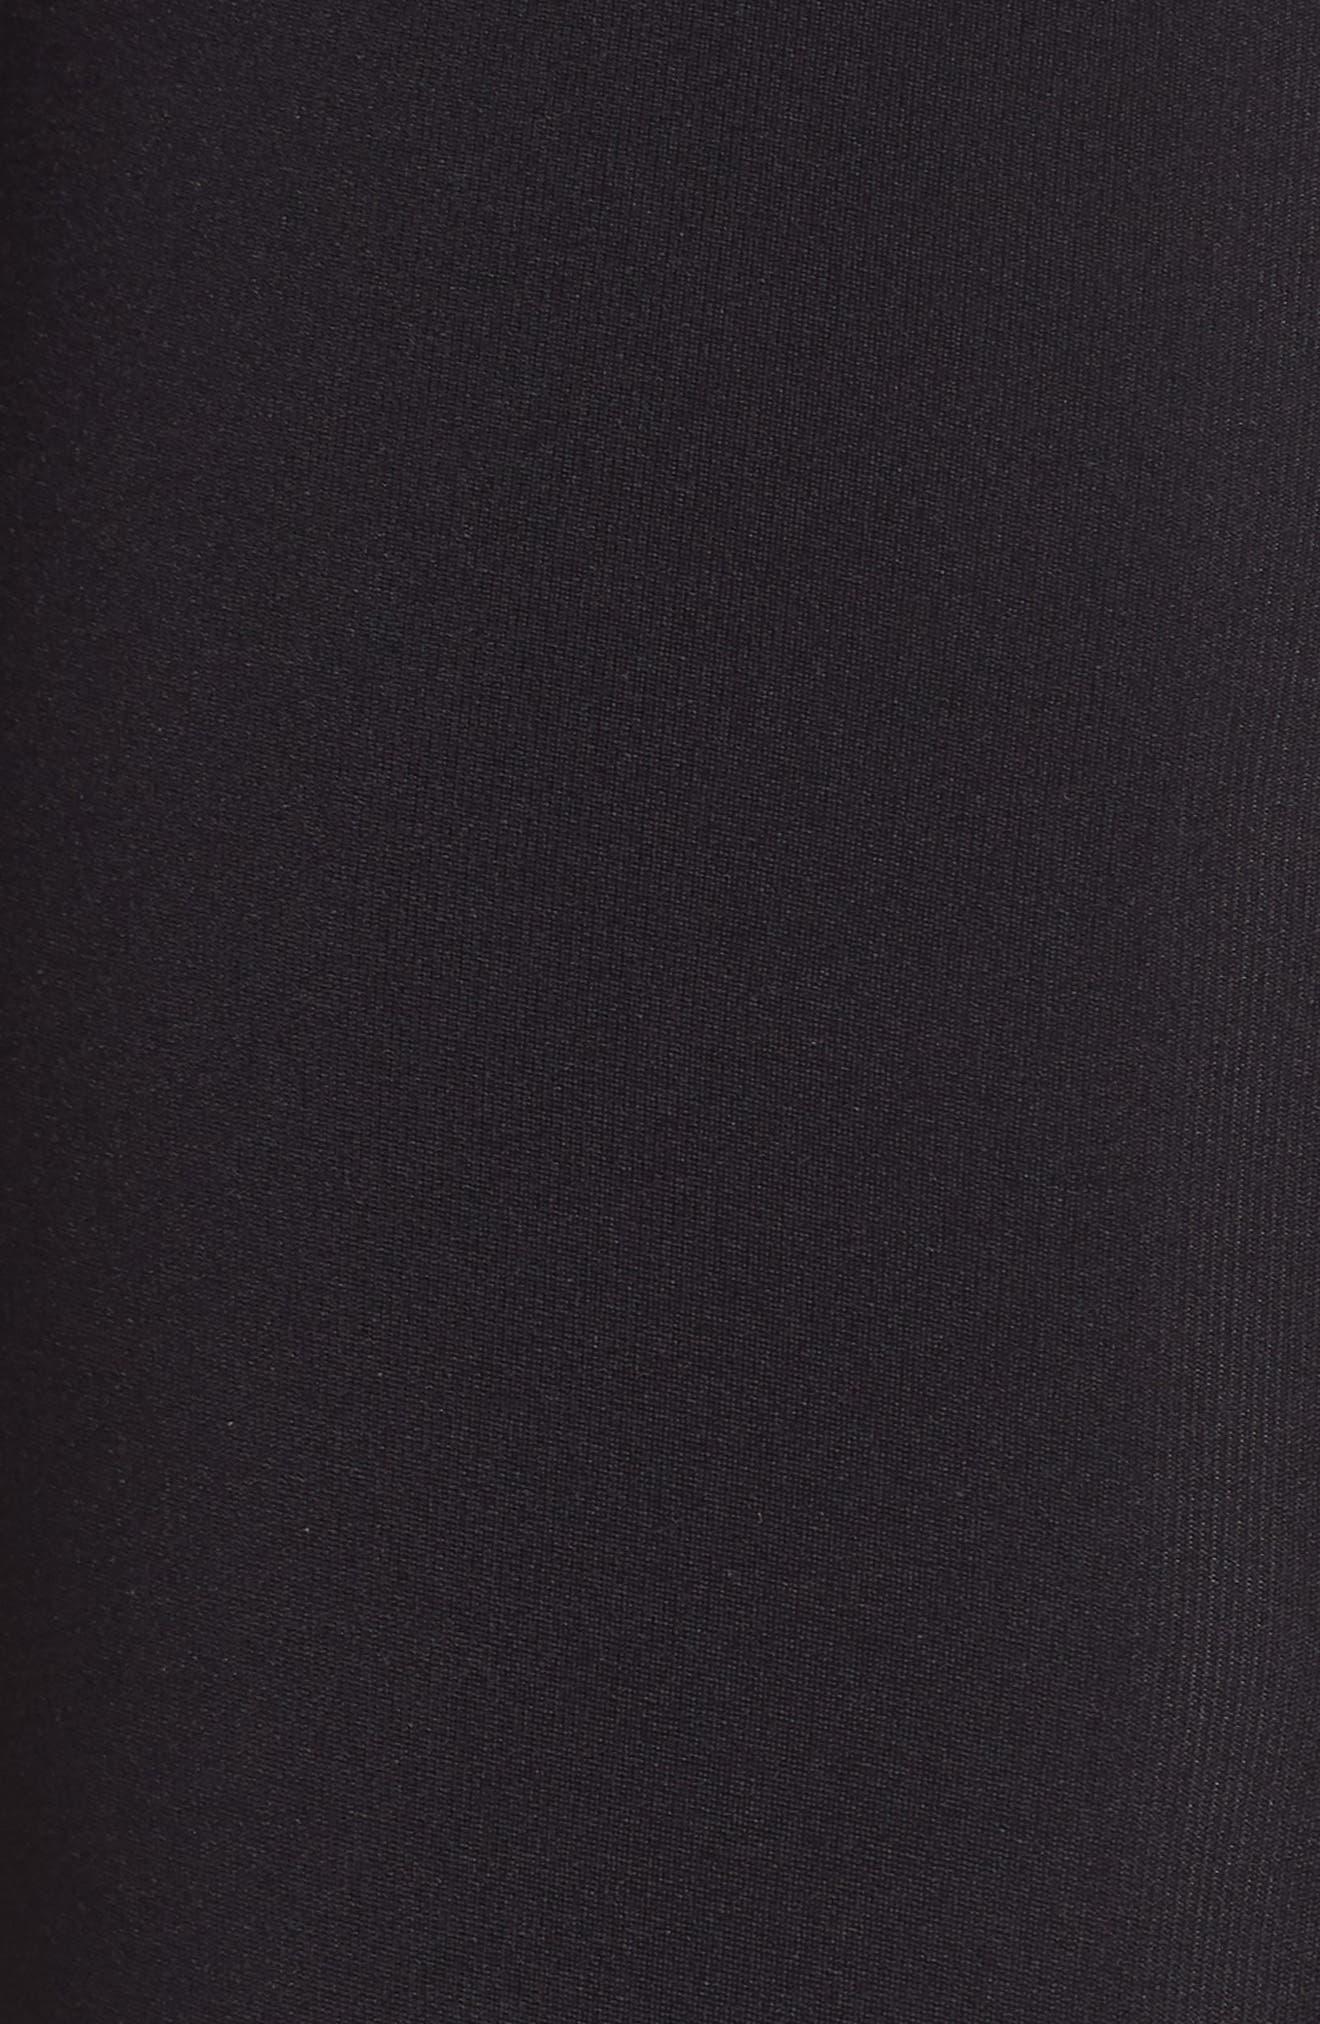 FP Movement Zephyr Leggings,                             Alternate thumbnail 6, color,                             Black